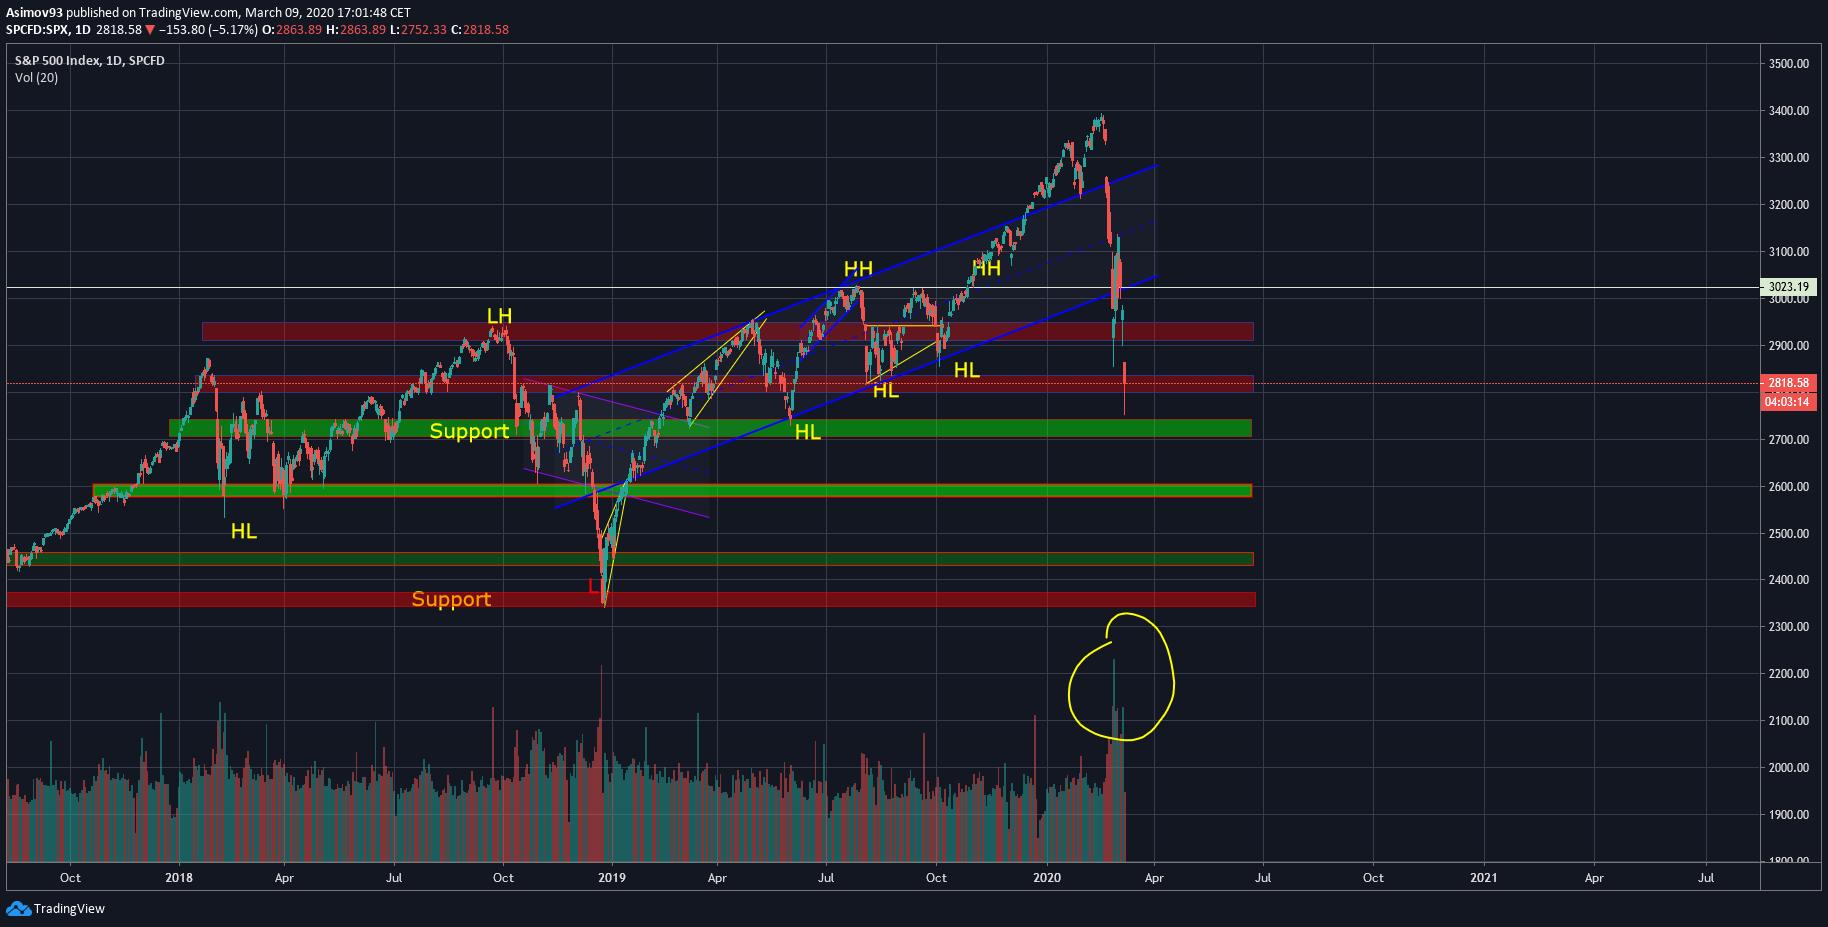 S&P analýza